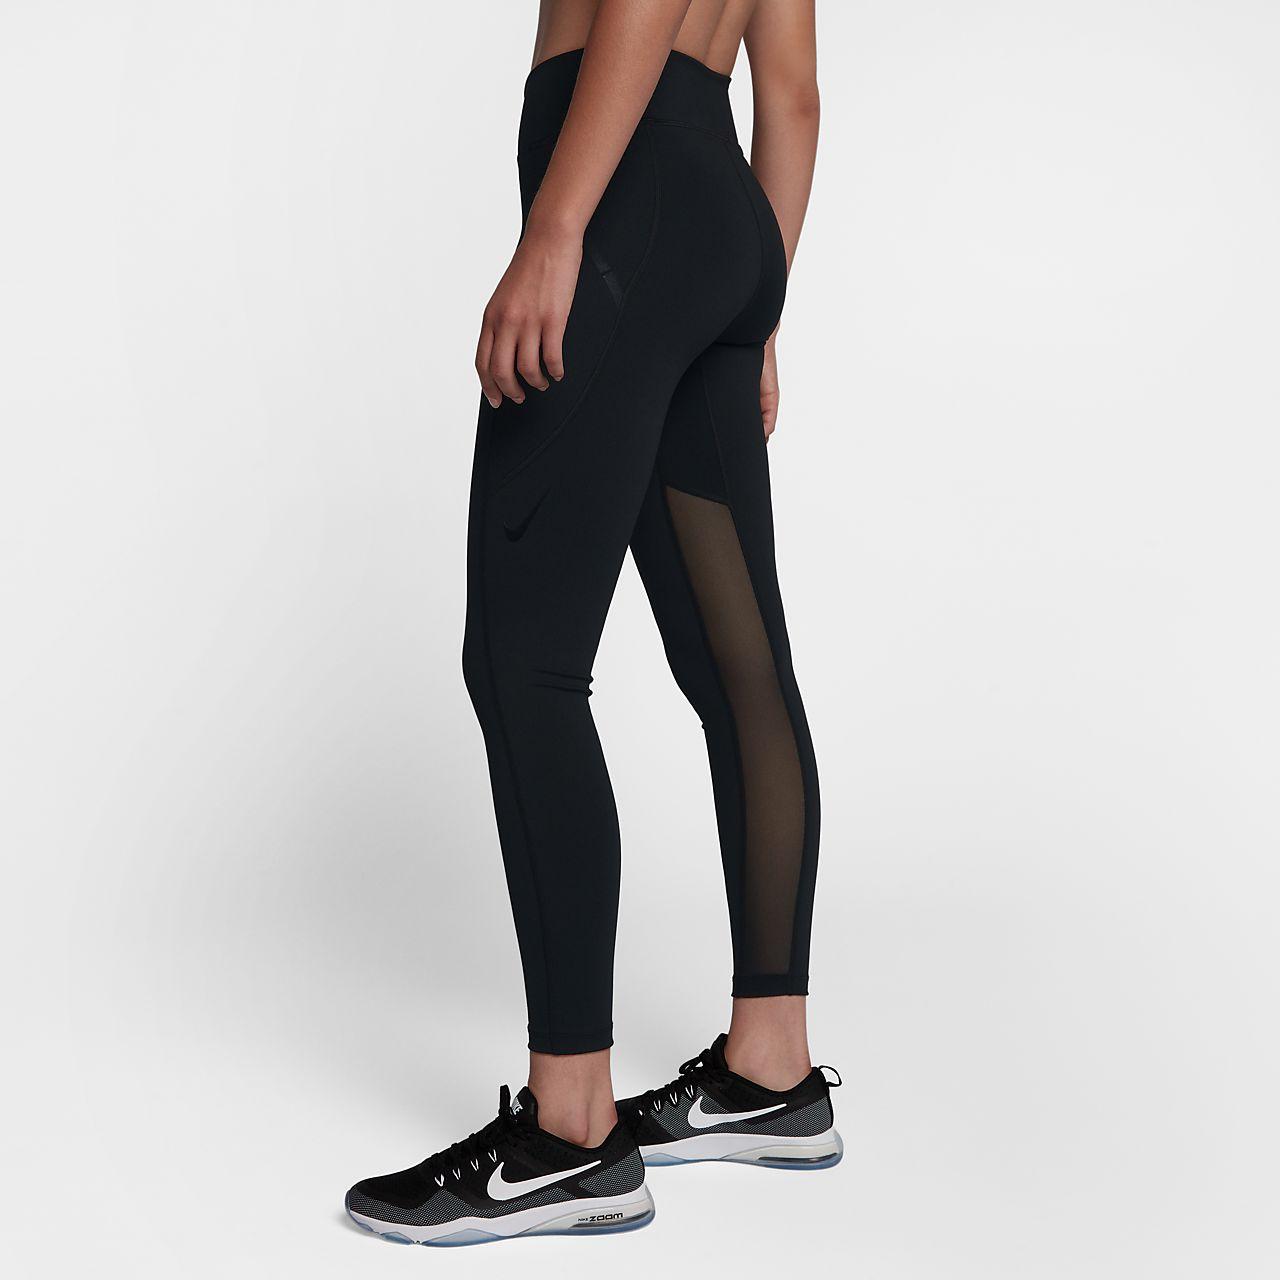 Nike Power Pocket Lux Trainings-Tights mit hohem Bündchen für Damen